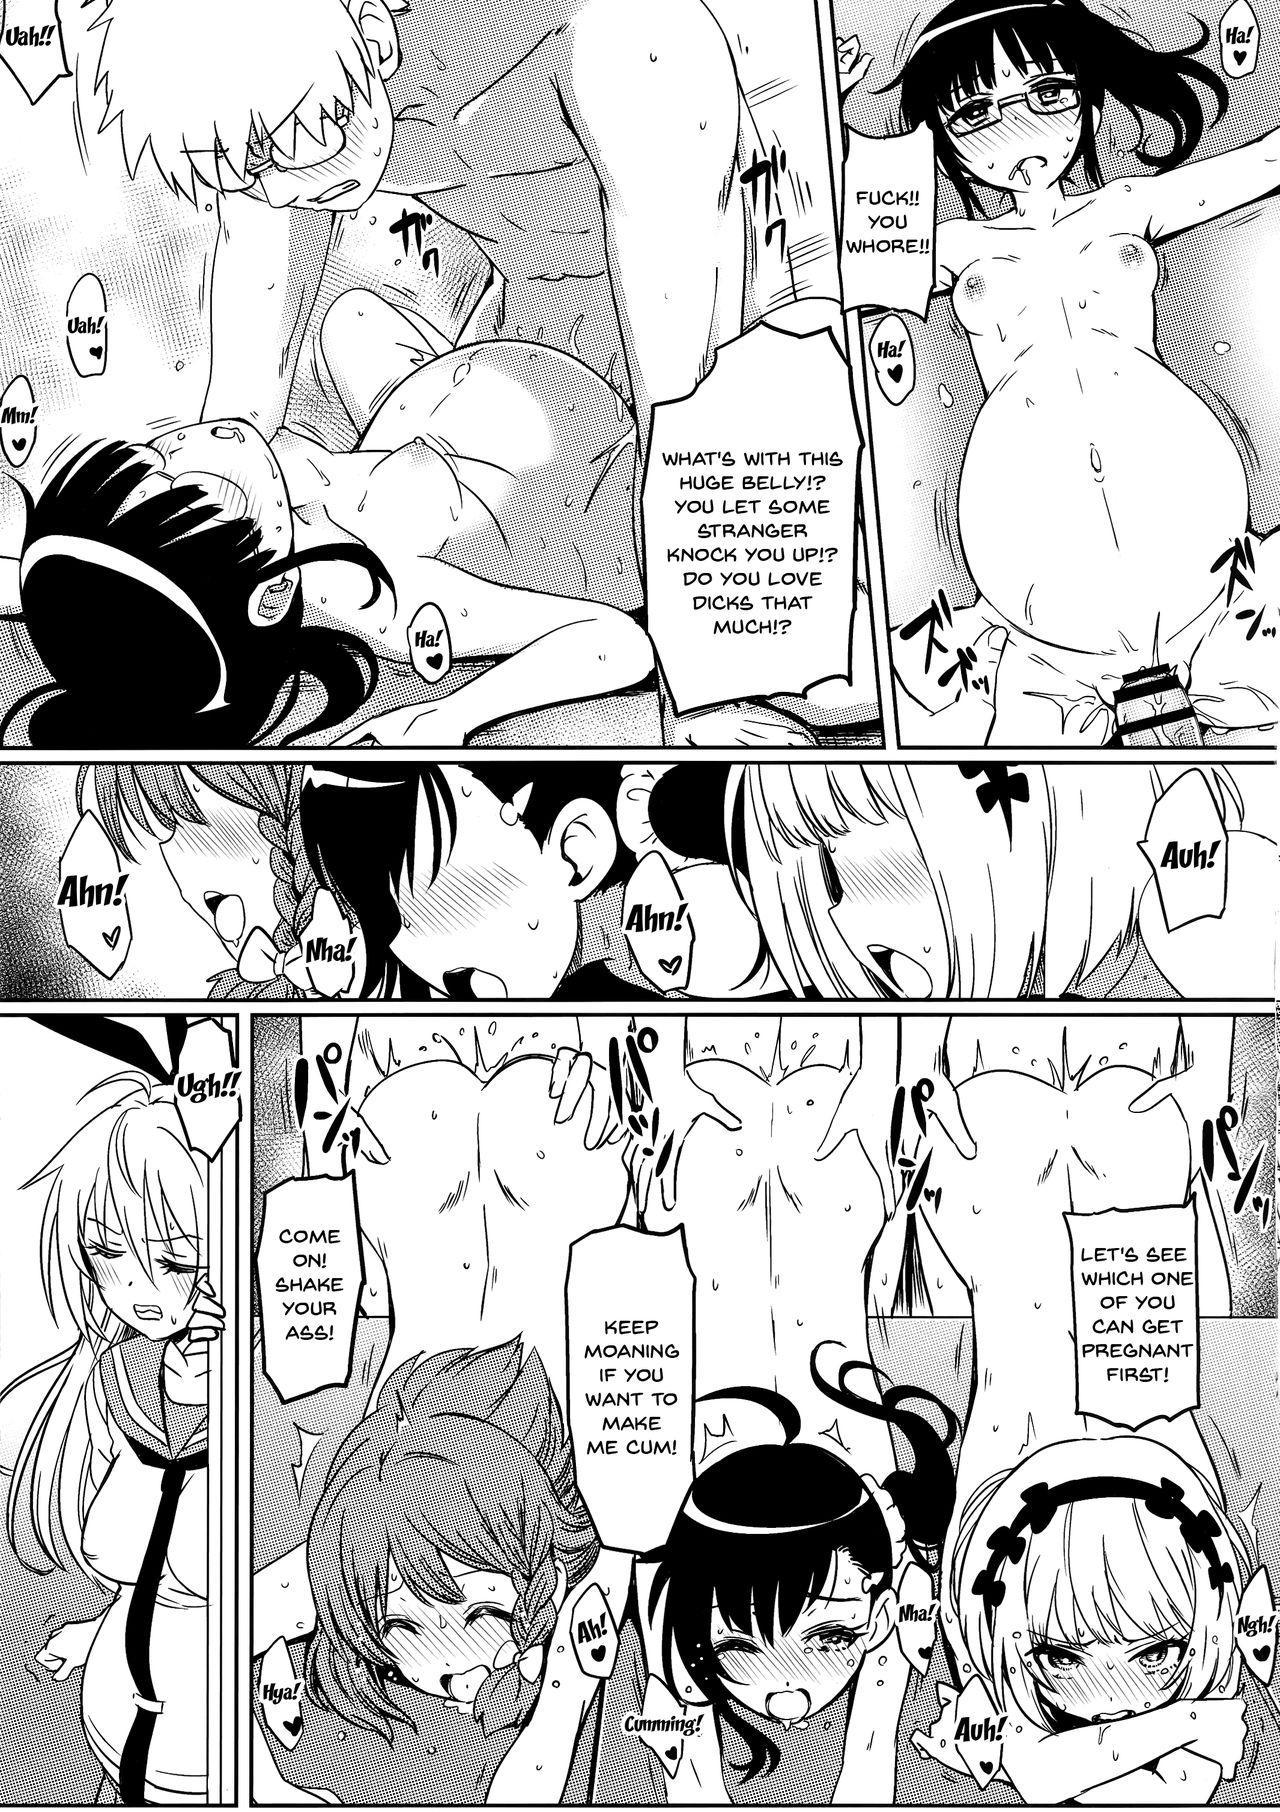 (C96) [Kaminari-neko (Eitarou)] Yamikoi -Saimin- 4 (Nisekoi) [English] [Doujins.com] 13